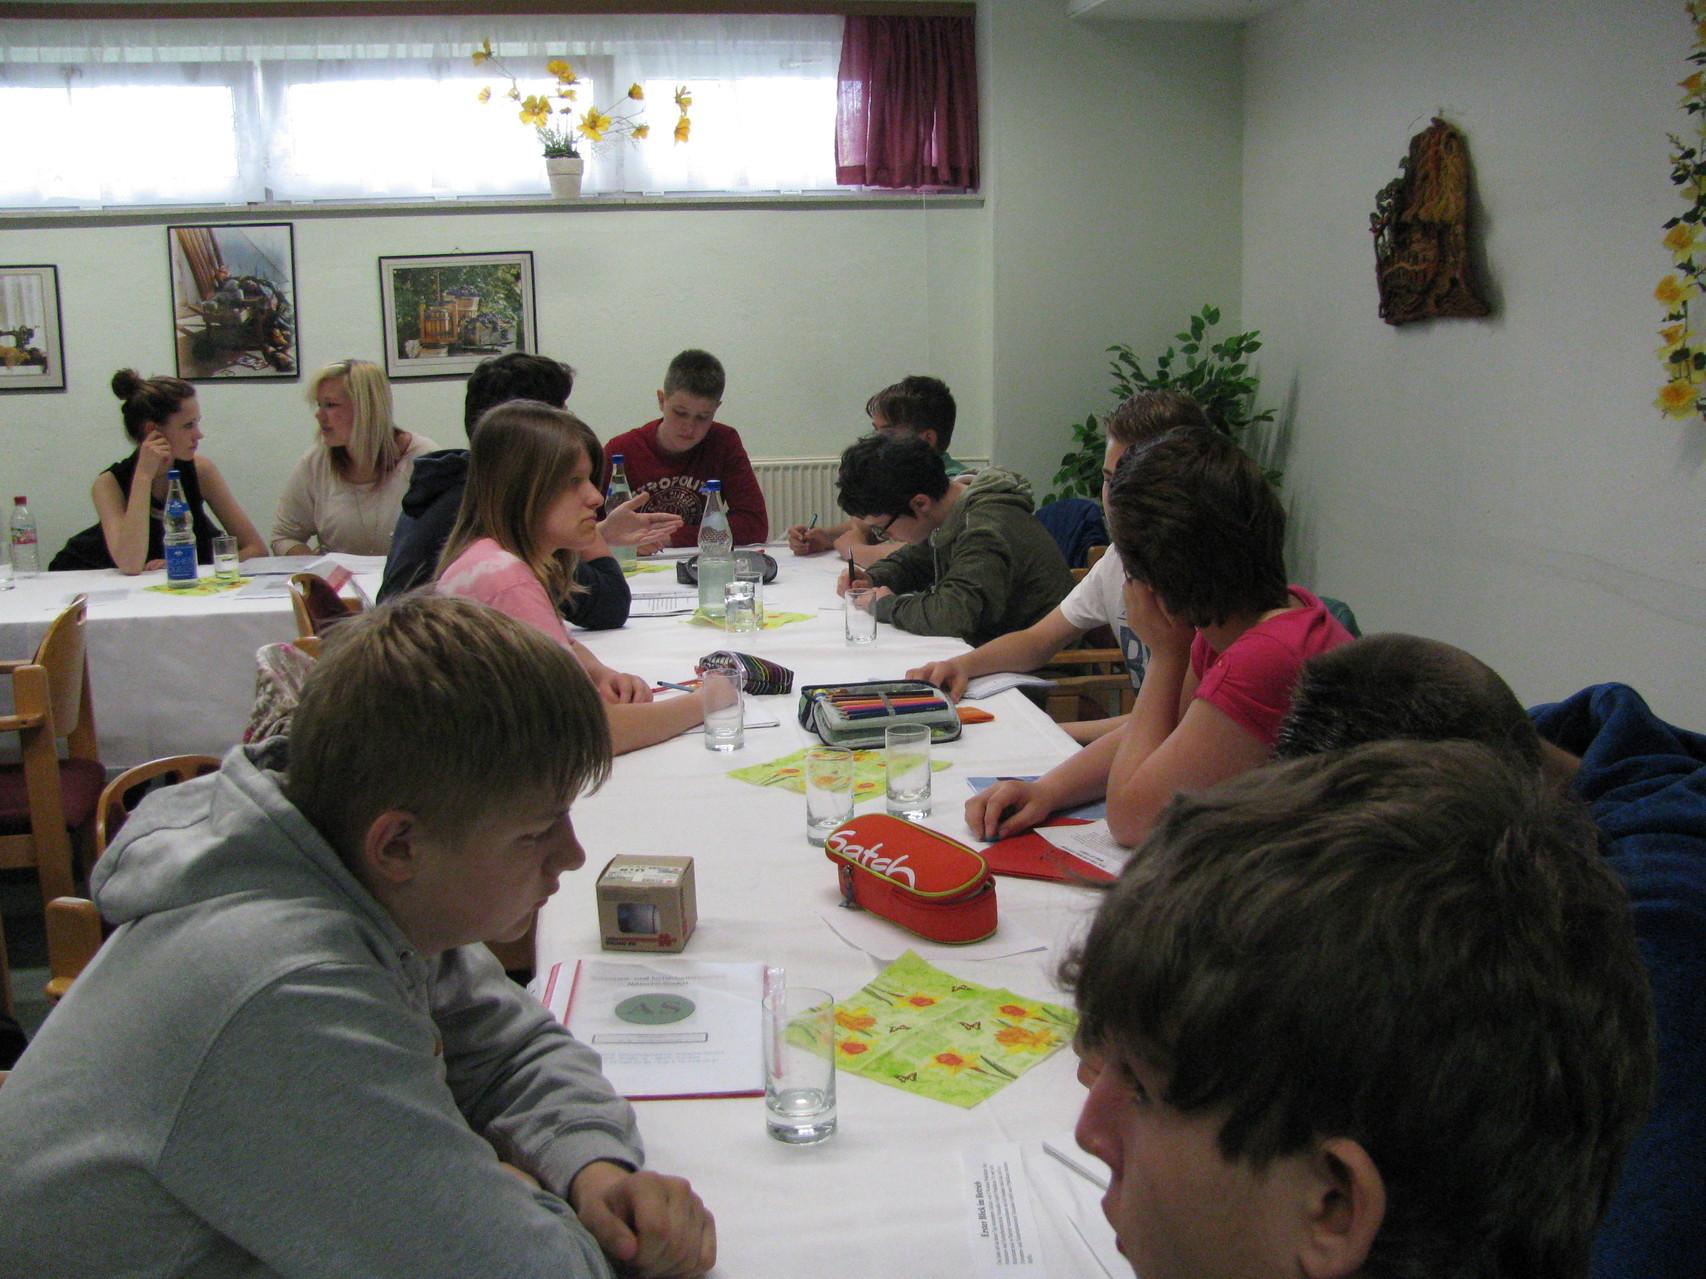 In kleinen Teams wurden zum Ende des Präsentationstages gemeinsam kleine Zeitungsartikel geschrieben